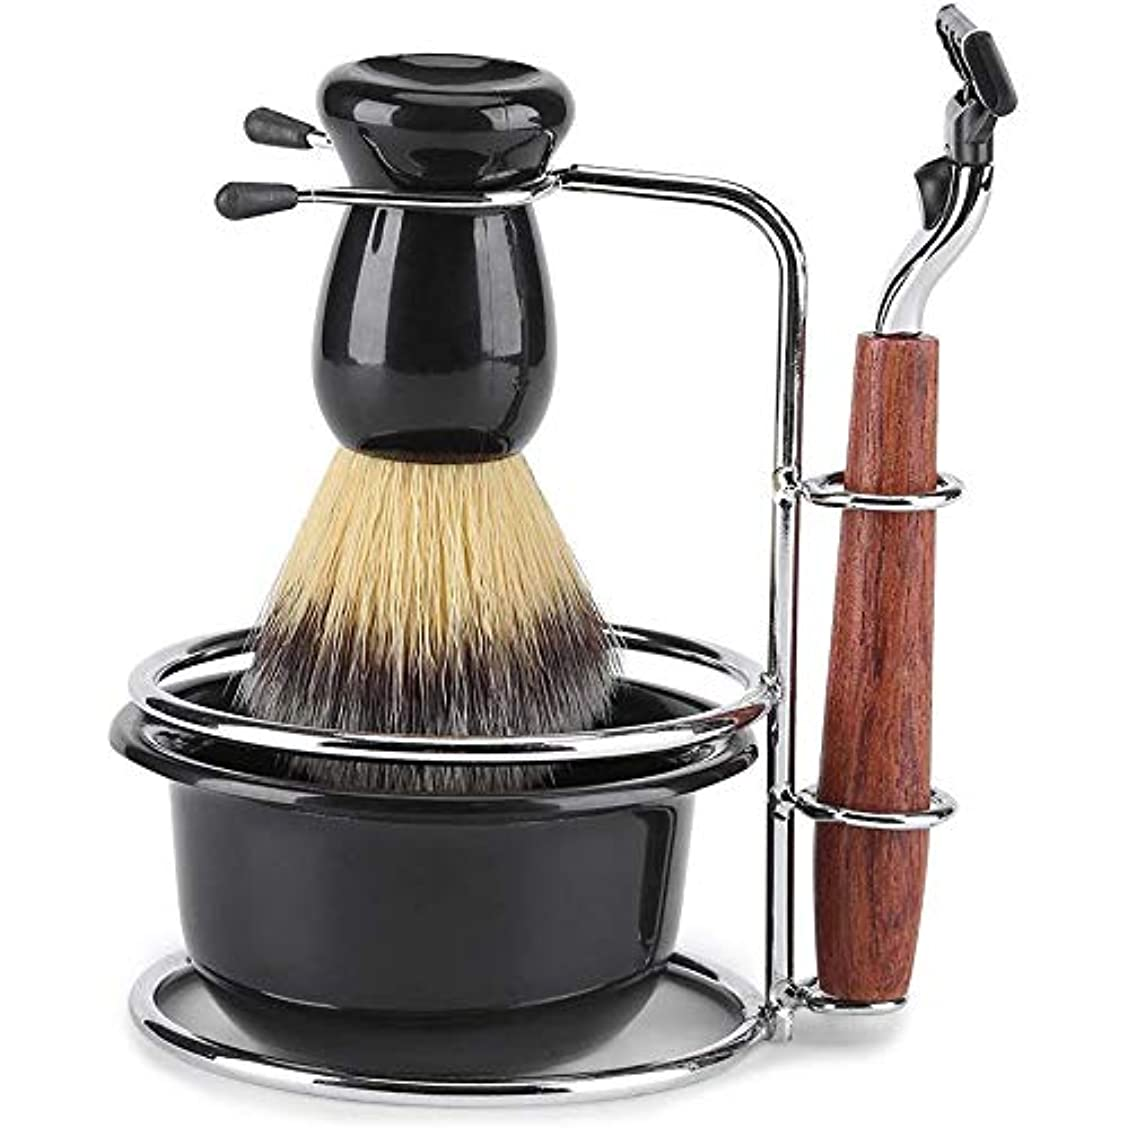 講師効果実行可能4セットシェービングブラシセットプラシスタンド 石鹸ボウル父の日プレゼント ひげブラシ シェービングブラシ 洗顔 髭剃り